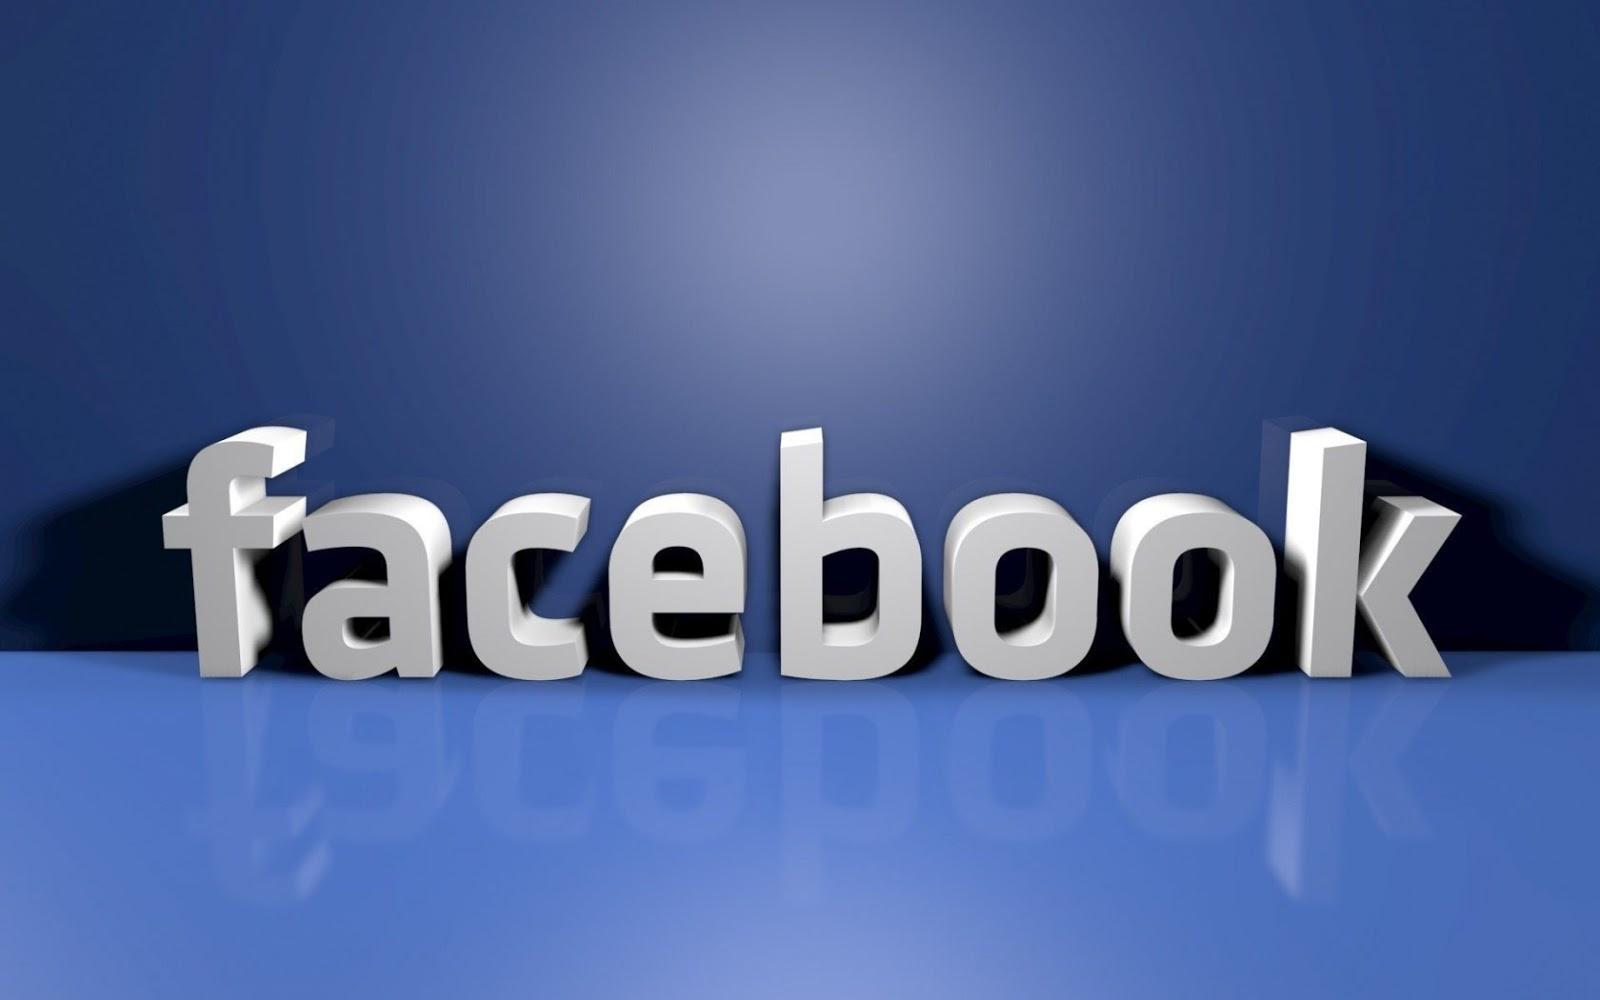 http://1.bp.blogspot.com/-iTMUK5OTNfM/UKosAZ7nUII/AAAAAAAAGNk/4UDeFxr1dOw/s1600/3D-Facebook-Logo-HD-Wallpaper_Vvallpaper.Net.jpg